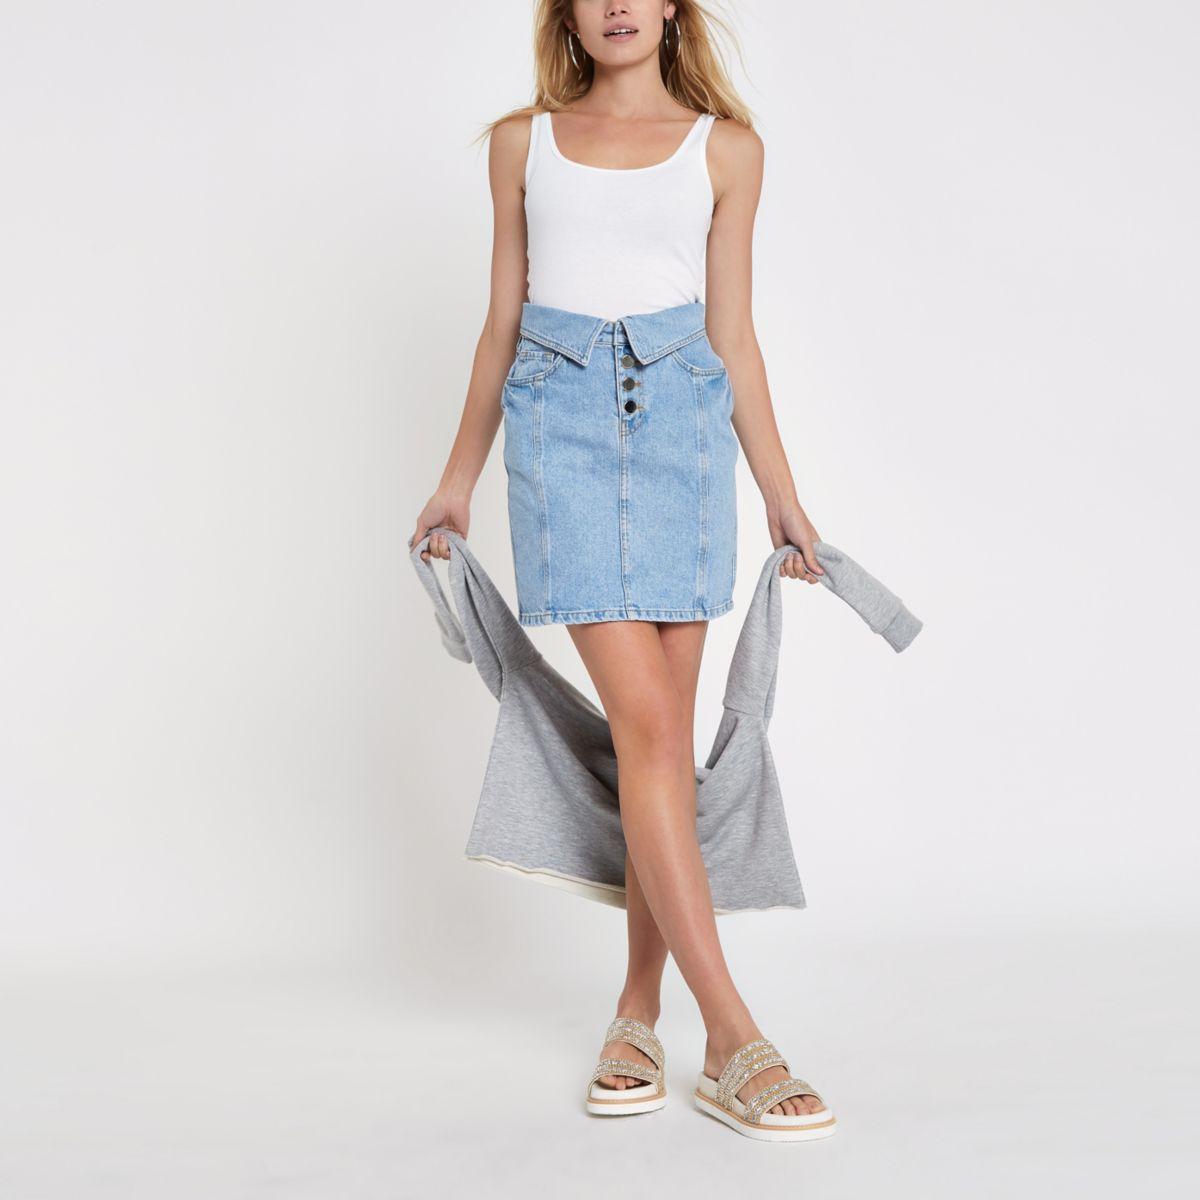 Blauer Mini-Jeansrock mit hohem Bund